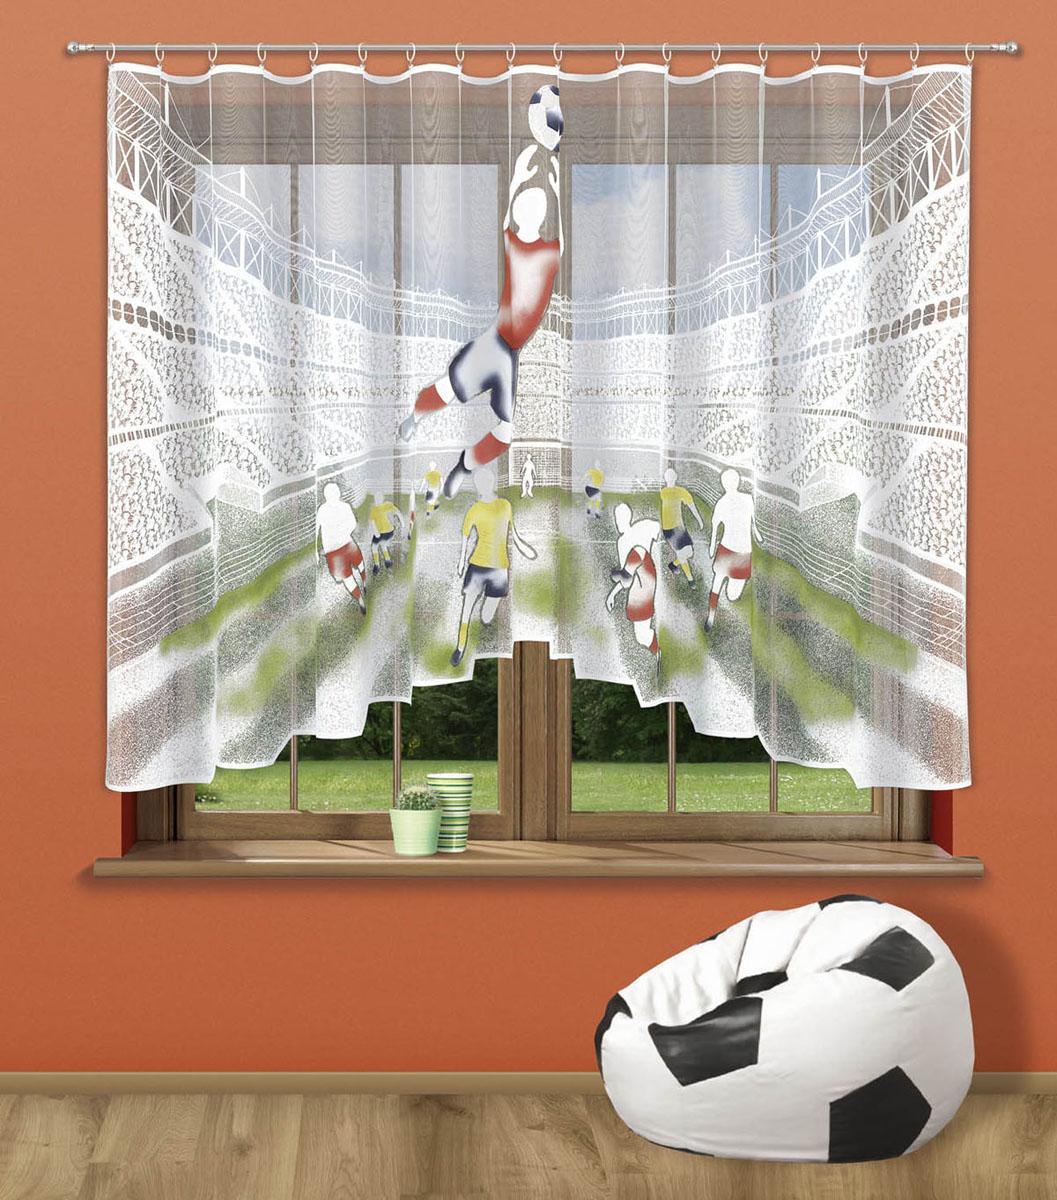 Гардина Stadion, цвет: белый, высота 150 см723560Гардина Stadion, изготовленная из полиэстера белого цвета, станет изюминкой интерьера вашей комнаты. Оригинальный принт в виде футболистов на стадионе привлечет к себе внимание и органично впишется в интерьер комнаты. Верхняя часть гардины не оснащена креплениями. Характеристики: Материал: 100% полиэстер. Размер упаковки: 27 см х 34 см х 1,5 см. Артикул: 723560. В комплект входит: Гардина - 1 шт. Размер (Ш х В): 300 см х 150 см. Фирма Wisan на польском рынке существует уже более пятидесяти лет и является одной из лучших польских фабрик по производству штор и тканей. Ассортимент фирмы представлен готовыми комплектами штор для гостиной, детской, кухни, а также текстилем для кухни (скатерти, салфетки, дорожки, кухонные занавески). Модельный ряд отличает оригинальный дизайн, высокое качество. Ассортимент продукции постоянно пополняется.